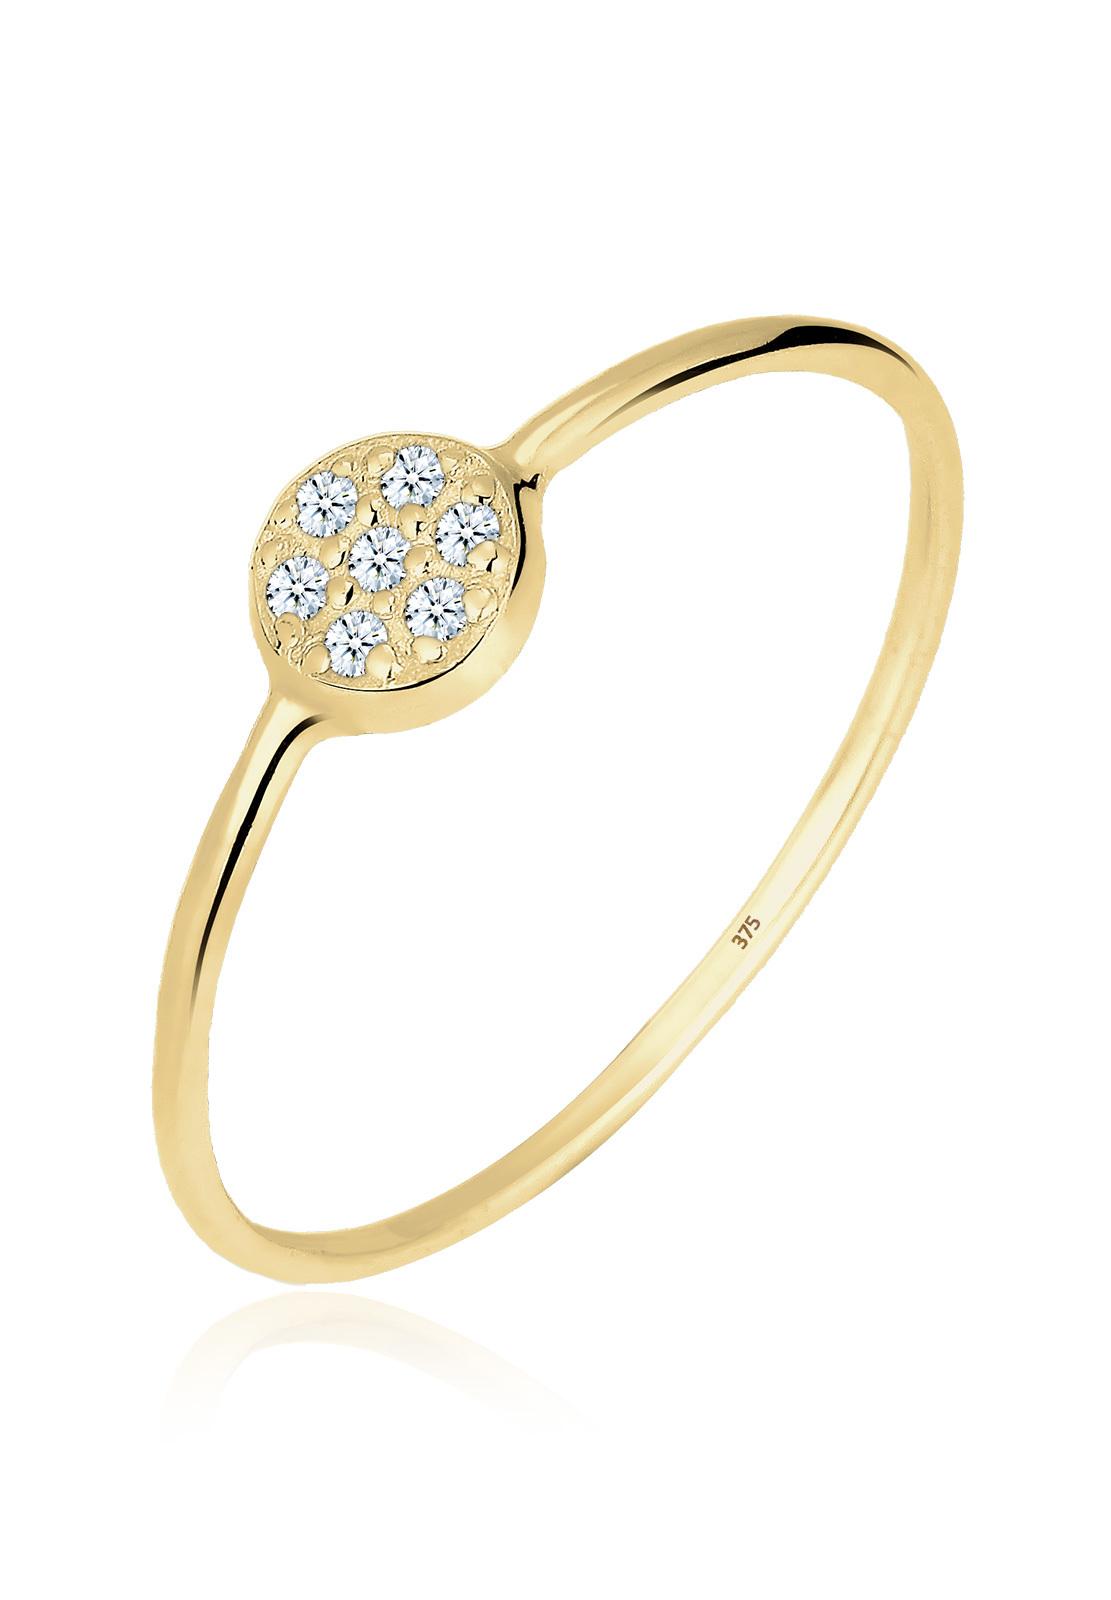 Verlobungsring Kreis | Diamant ( Weiß, 0,035 ct ) | 375 Gelbgold